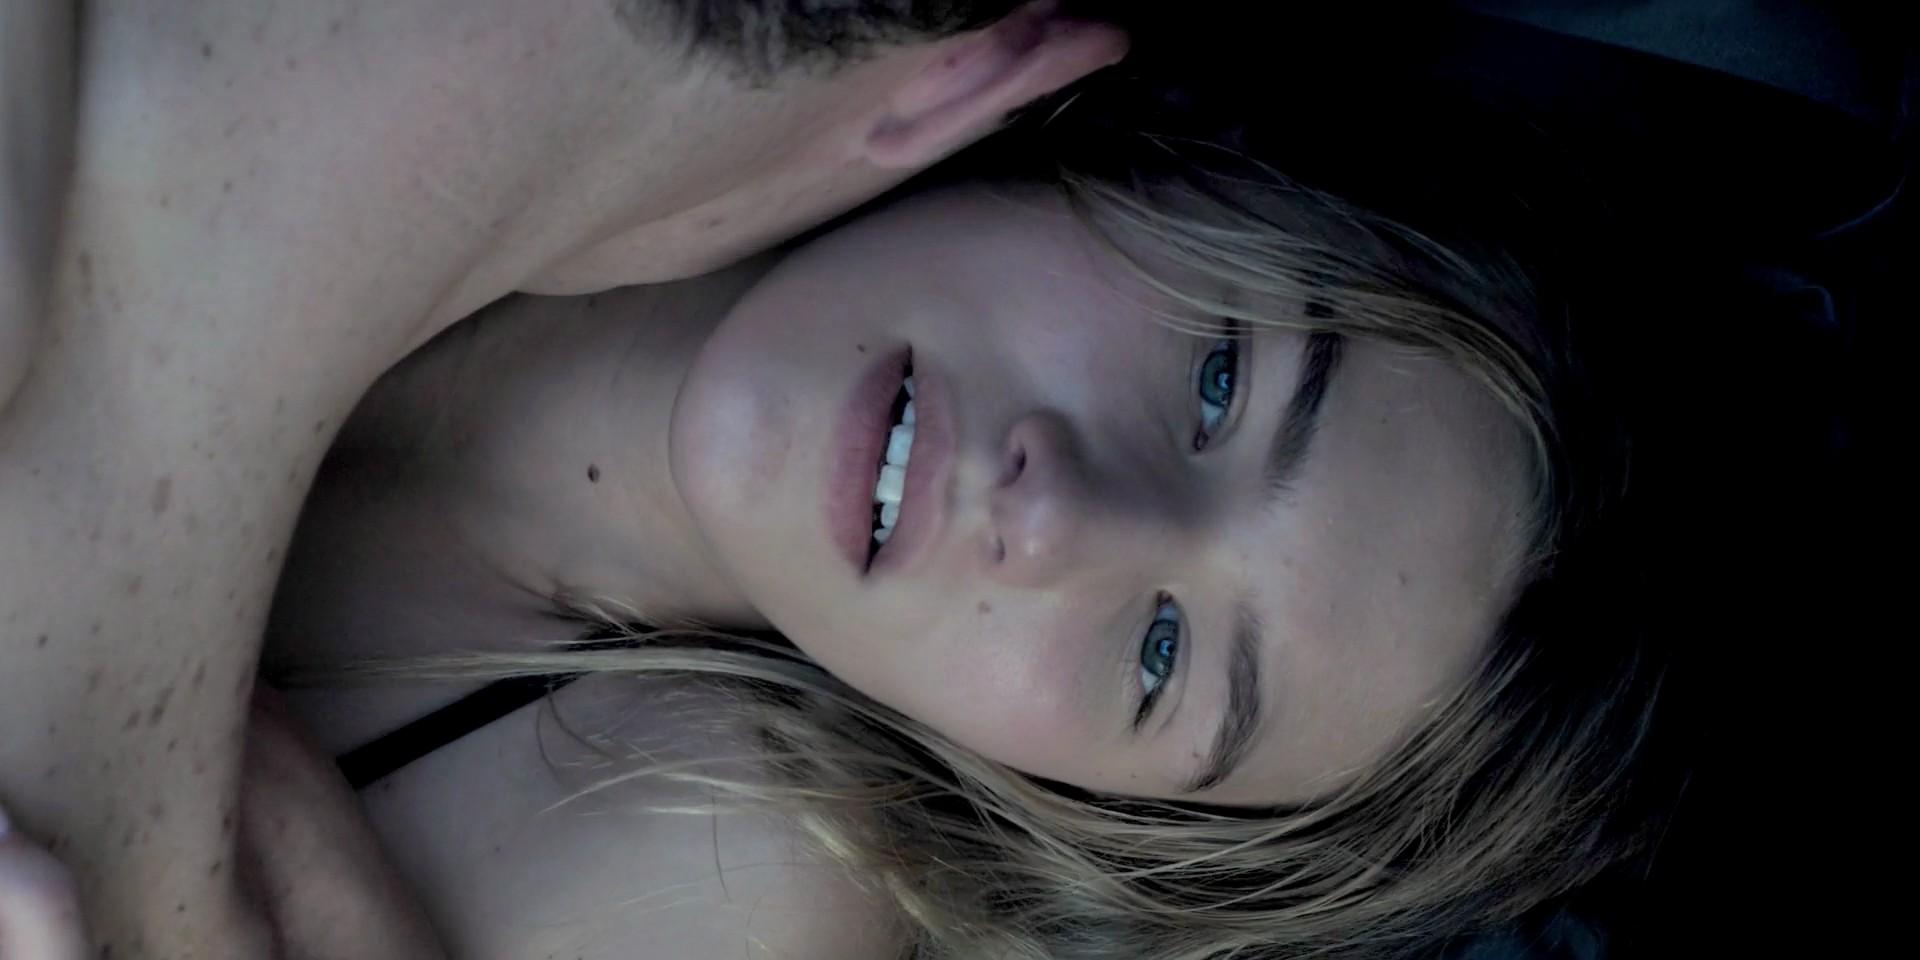 Sofia Hublitz nude in sex scene